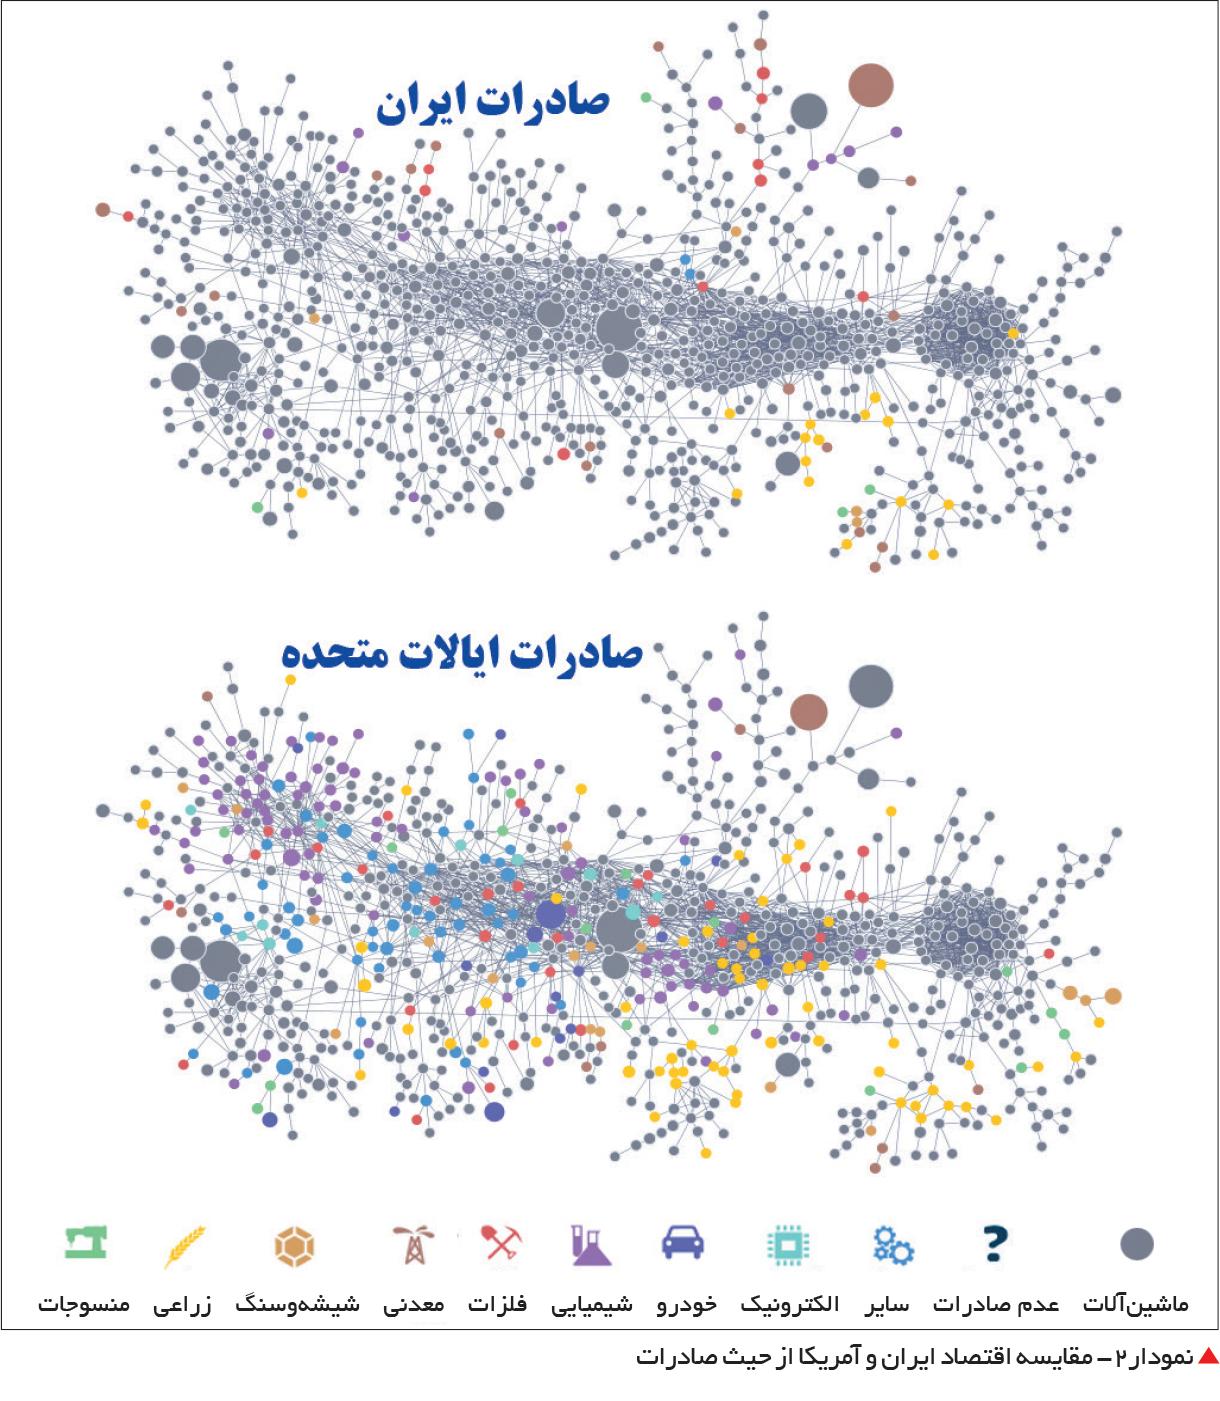 تجارت- فردا-  نمودار2- مقایسه اقتصاد ایران و آمریکا از حیث صادرات